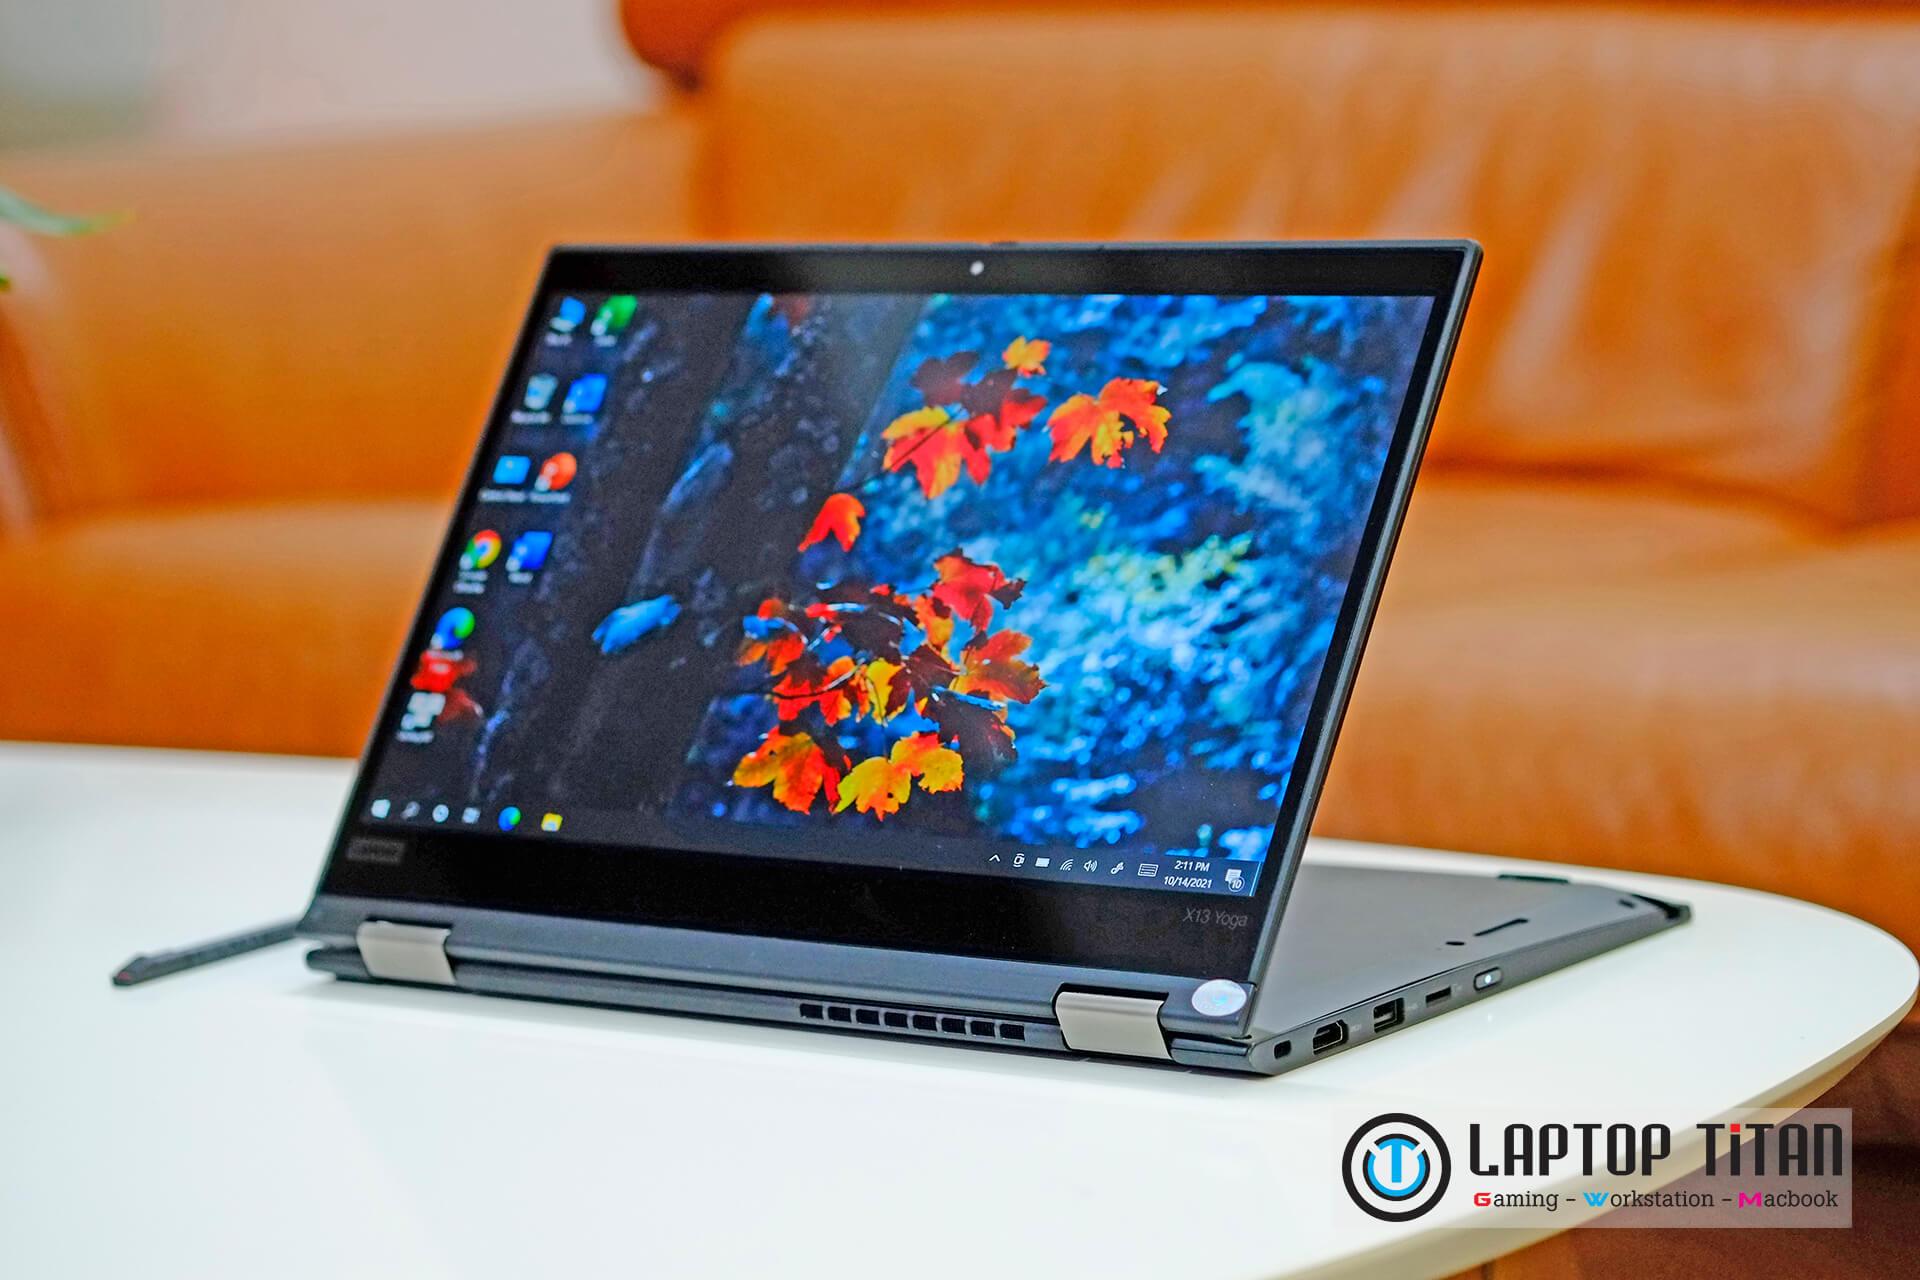 Lenovo Thinkpad X13 Yoga Laptoptitan 07